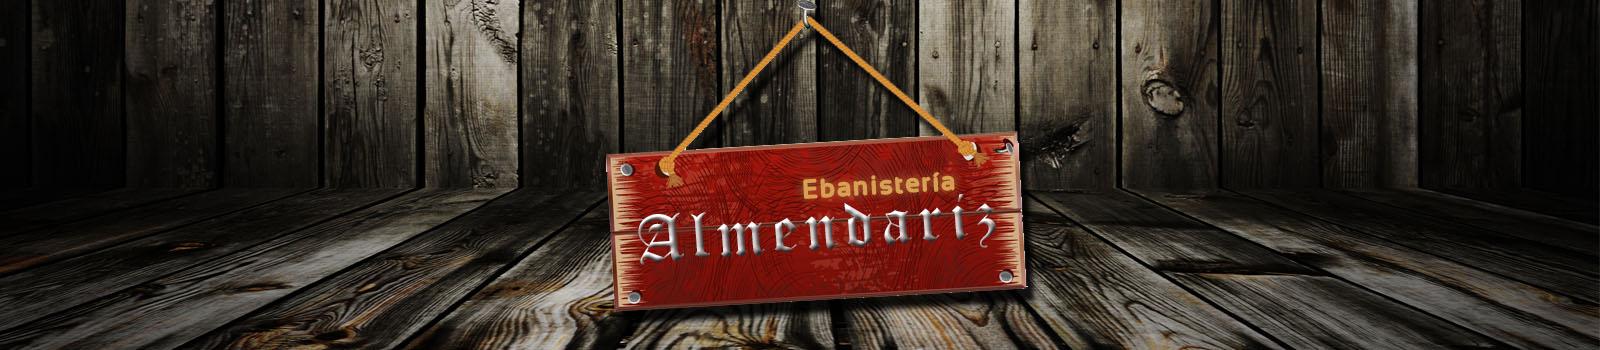 Carpinterias en Valladolid, ebanisteria,muebles,antiguo,alero tejado,cepillado puertas